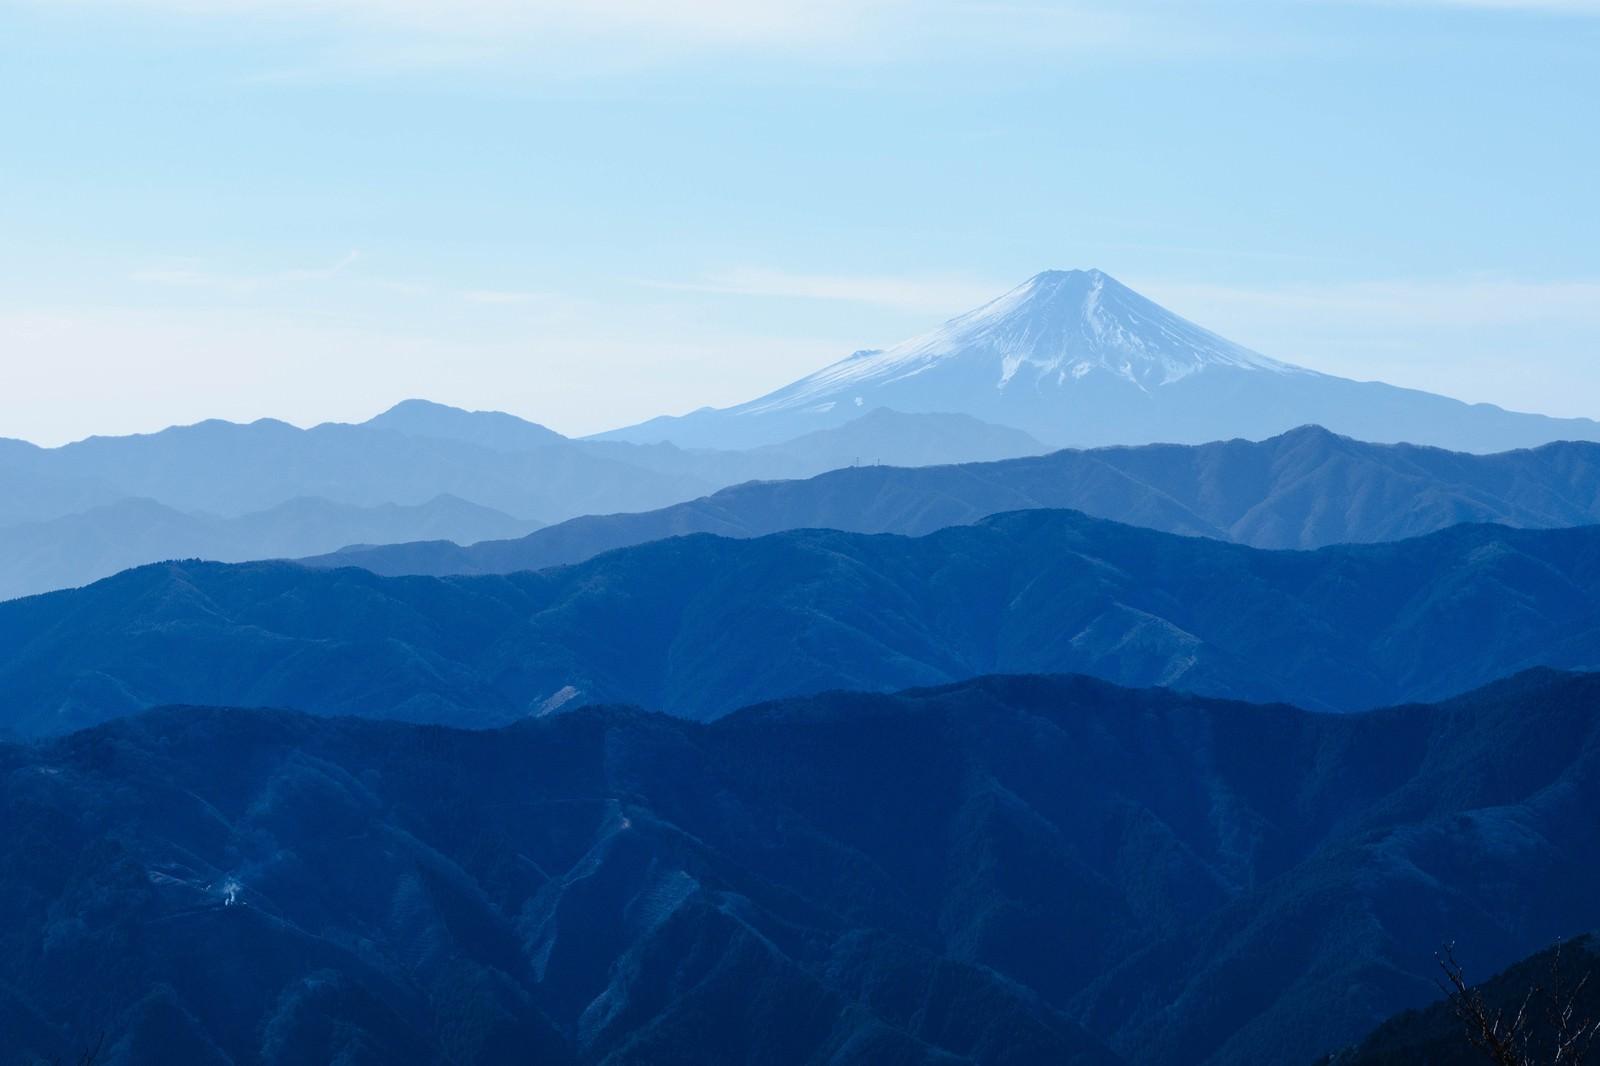 ã大岳山ï¼æ±äº¬ï¼ããã®çºã大岳山ï¼æ±äº¬ï¼ããã®çºããã®ããªã¼åçç´æãæ¡å¤§